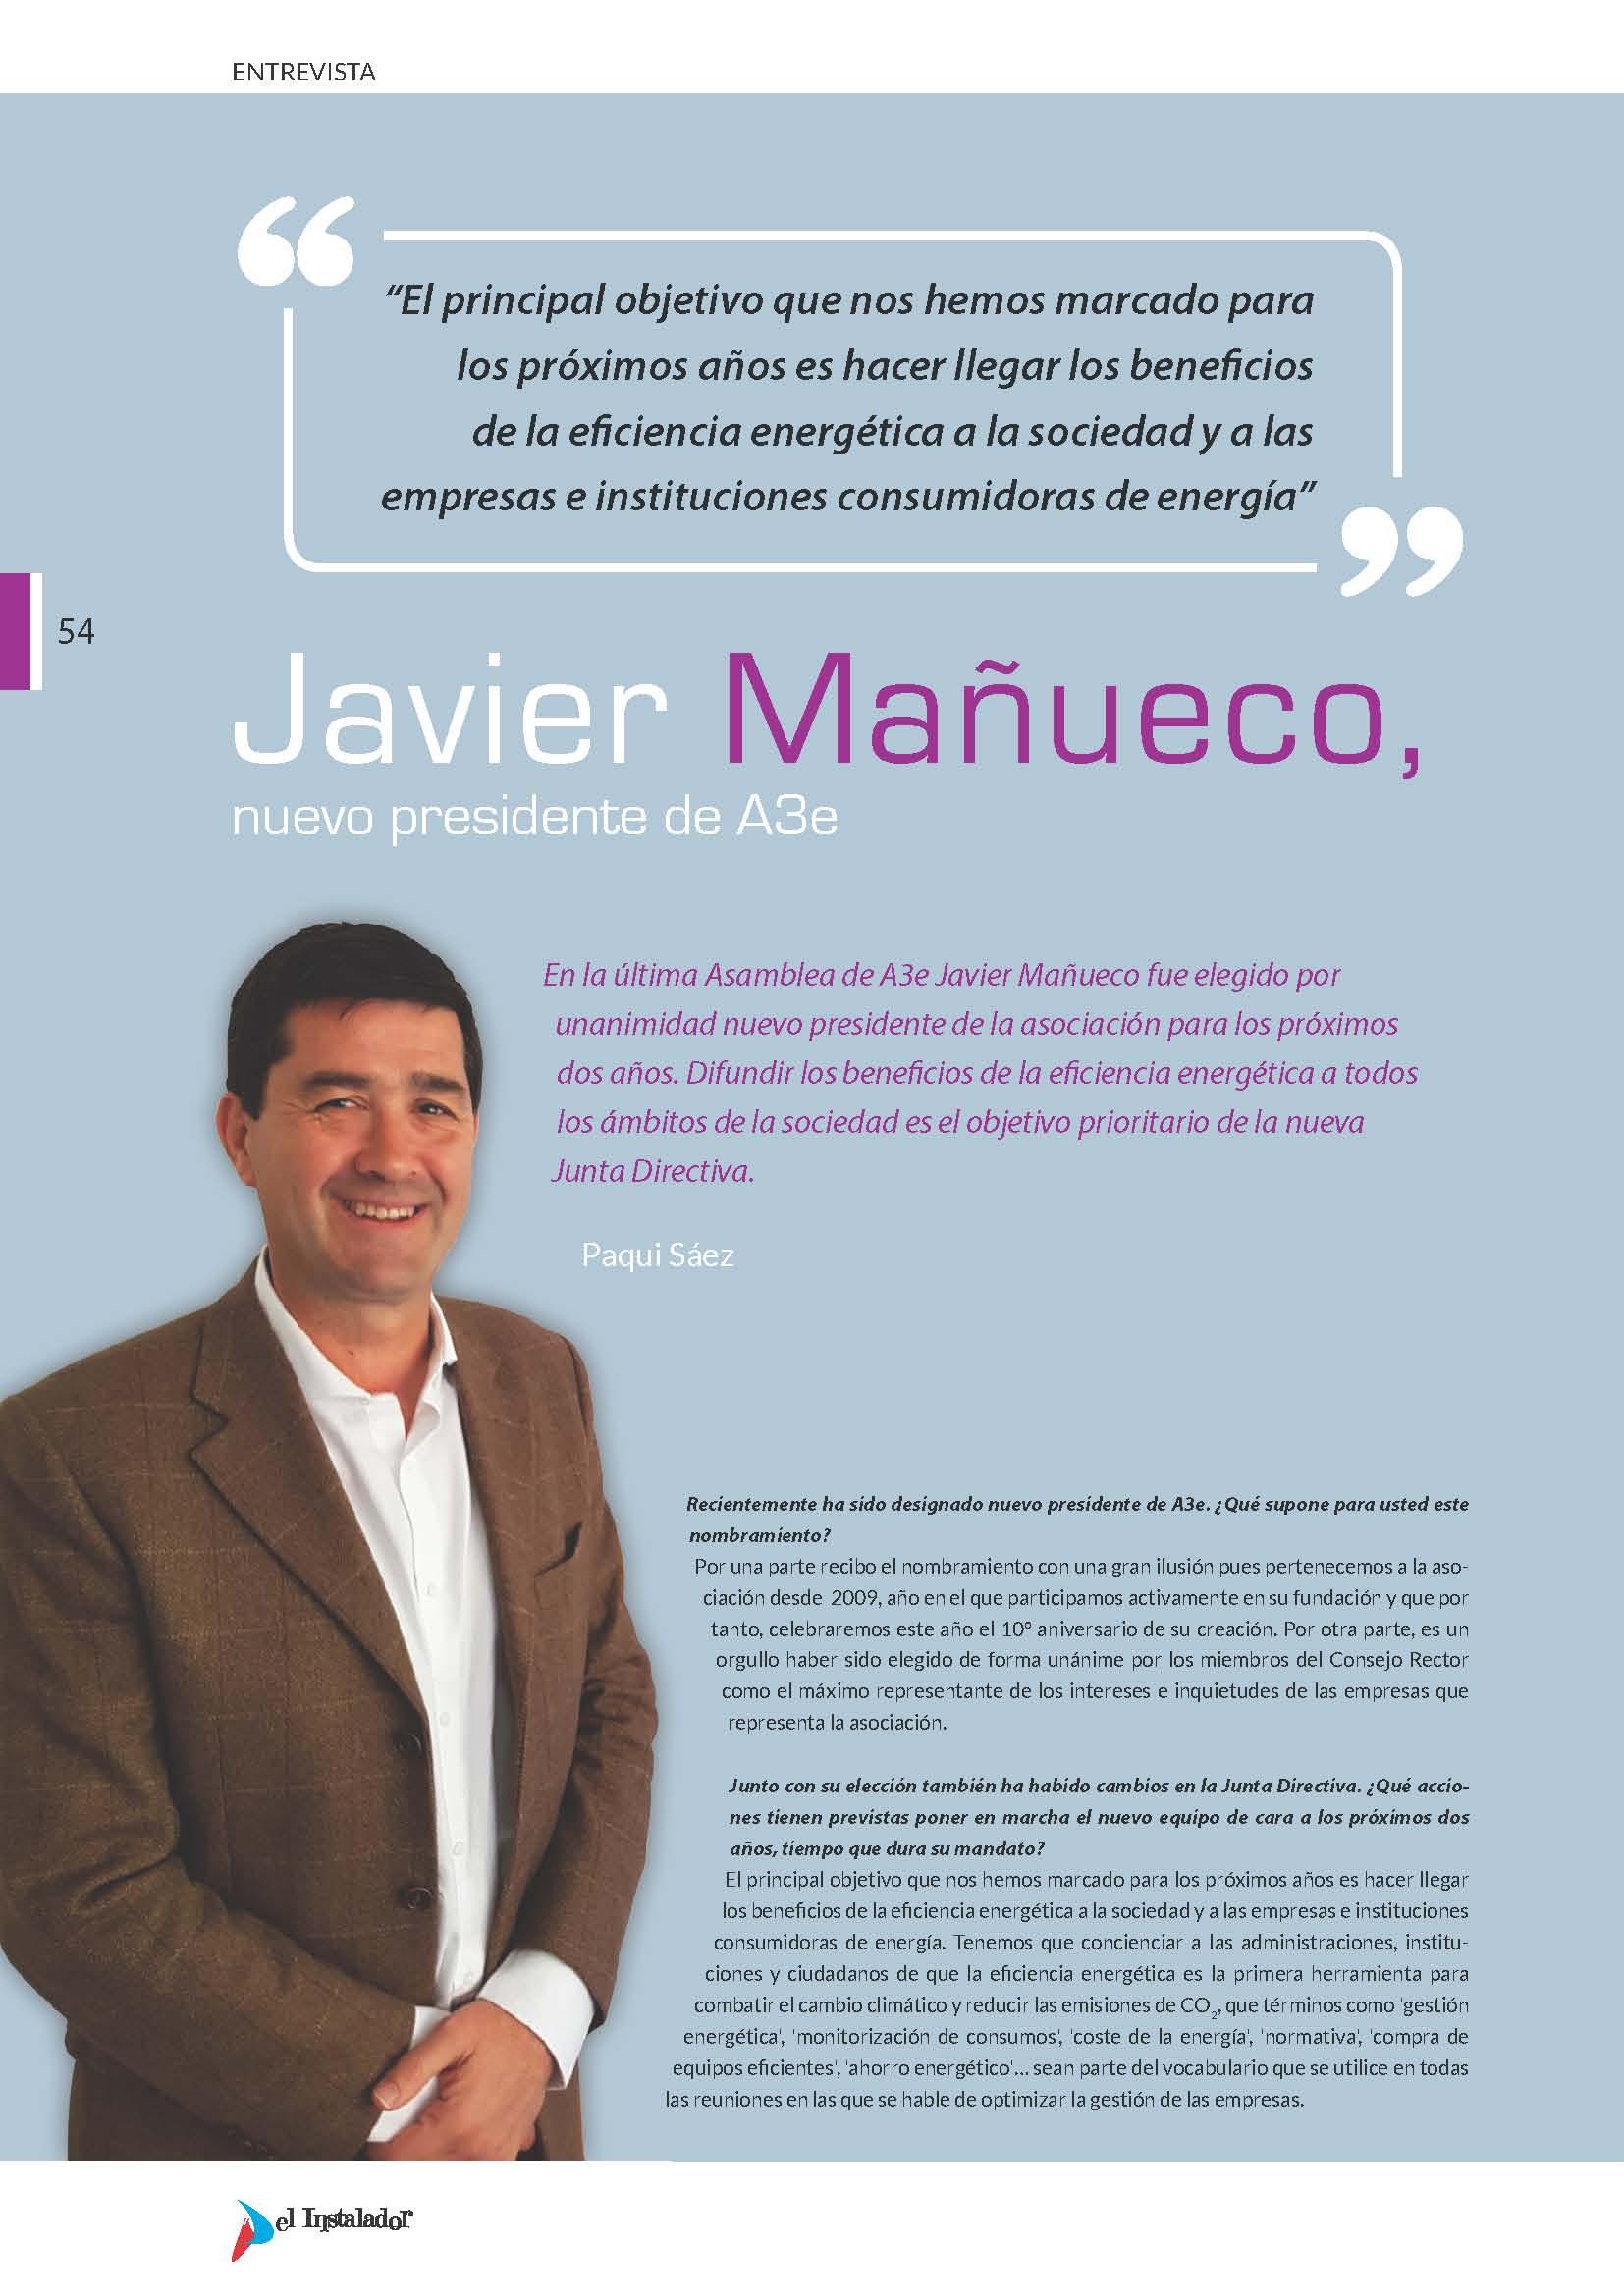 Entrevista a Javier Mañueco, nuevo presidente de A3e en El Instalador